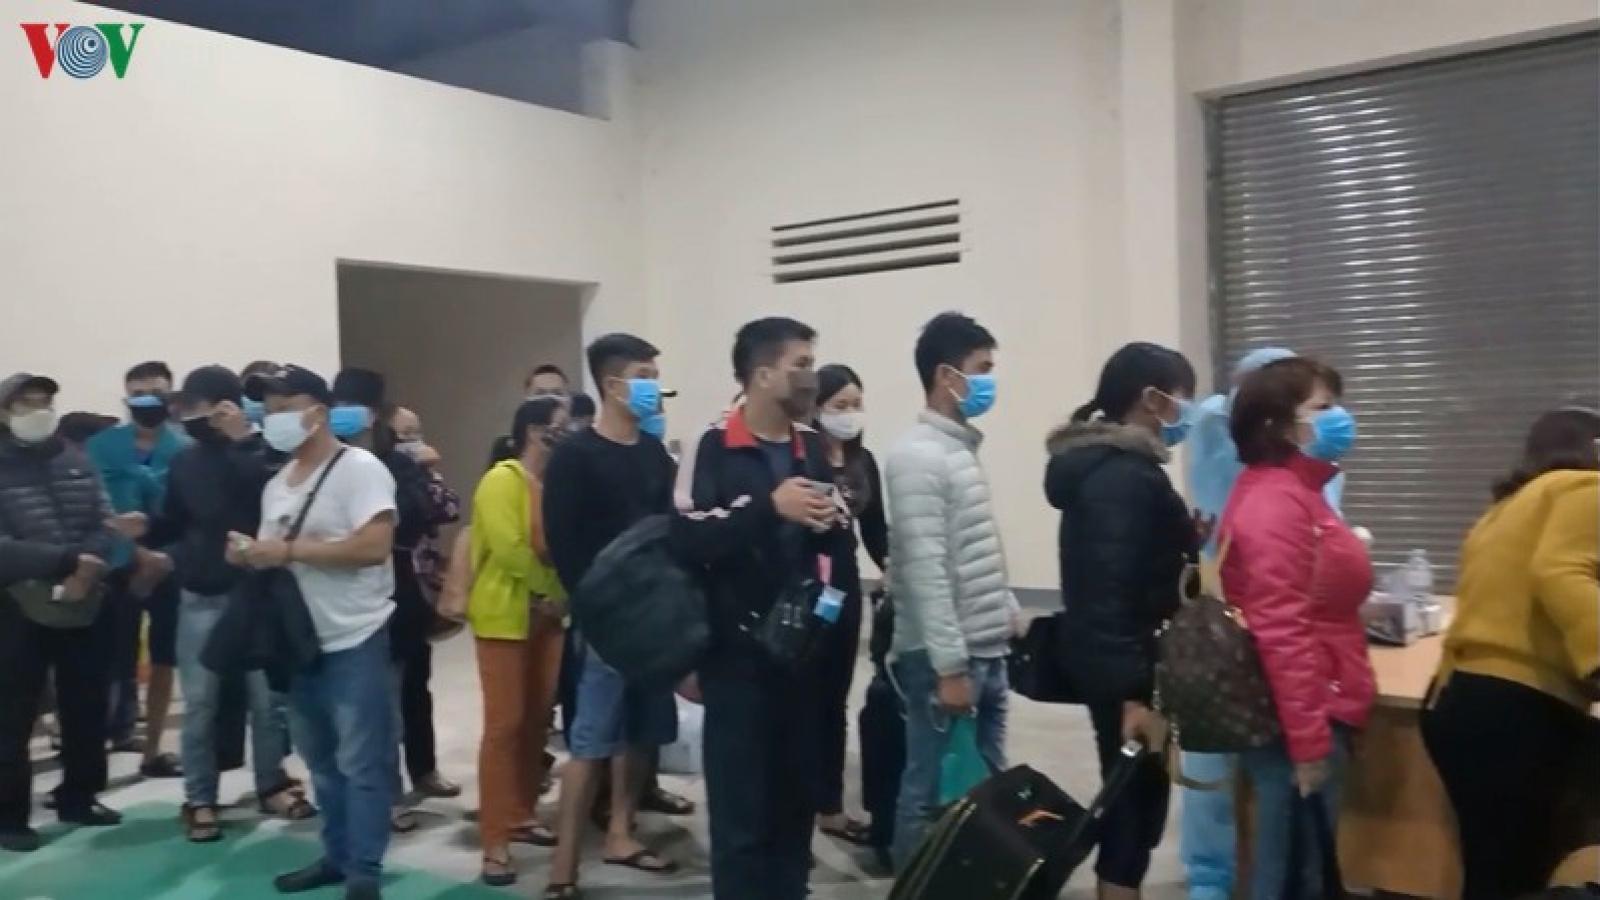 Lào có ca mắc mới là người nước ngoài sau 102 ngày an toàn với Covid-19